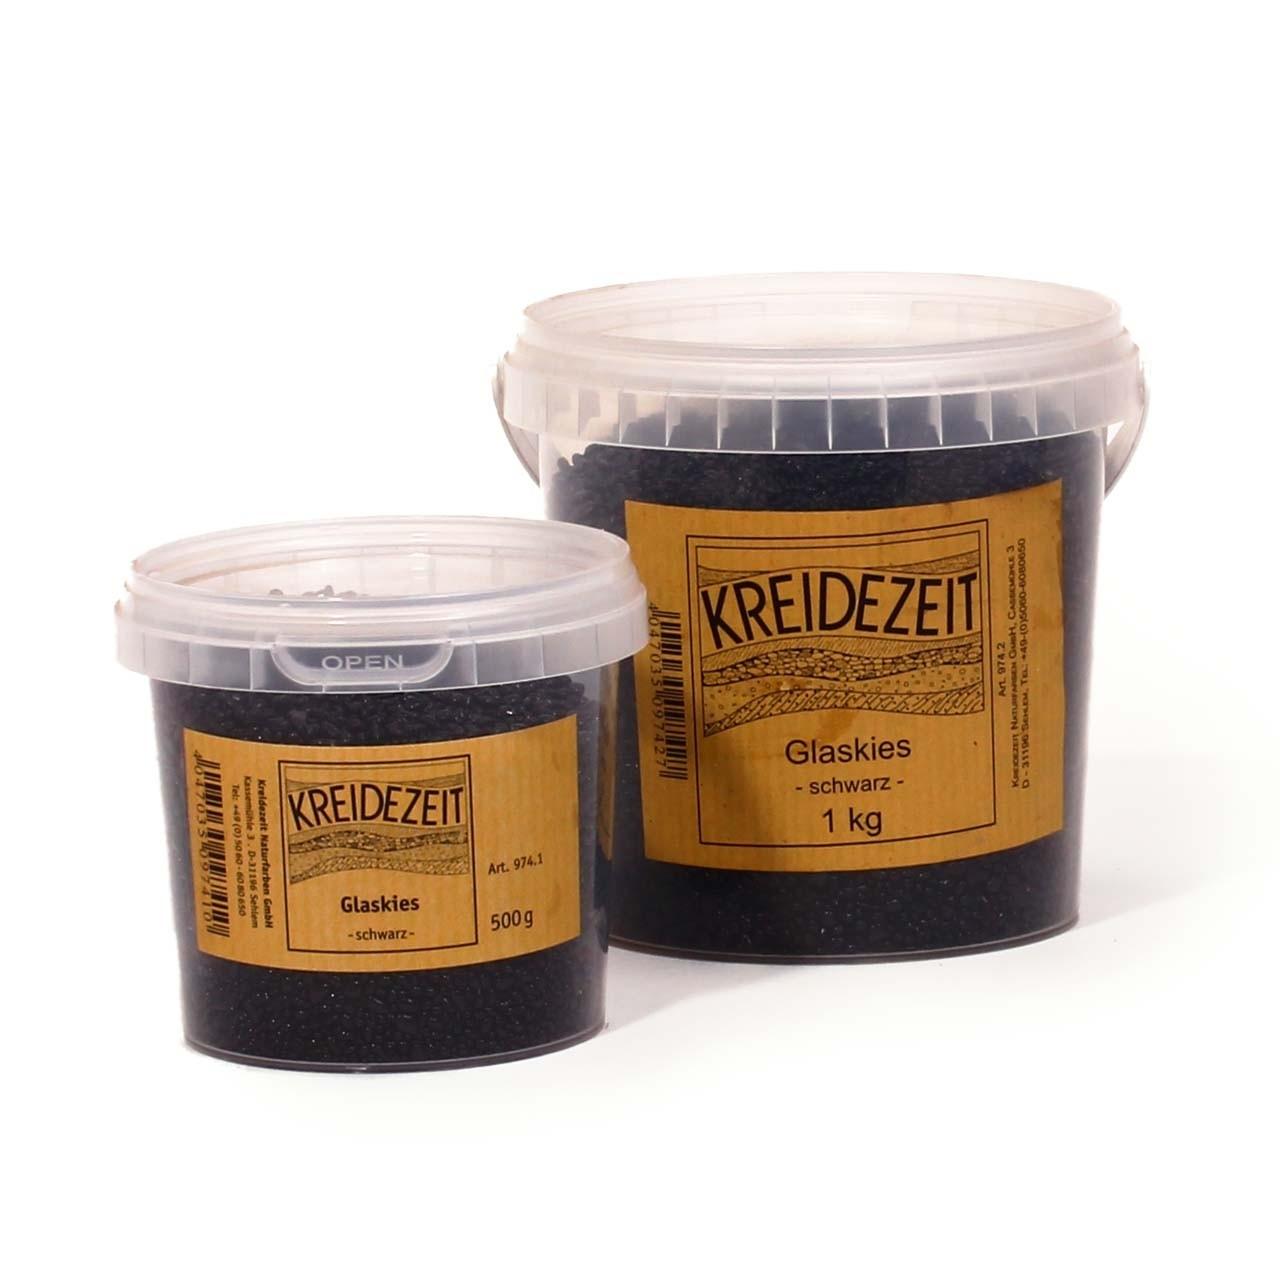 Kreidezeit Glaskies schwarz 1 kg